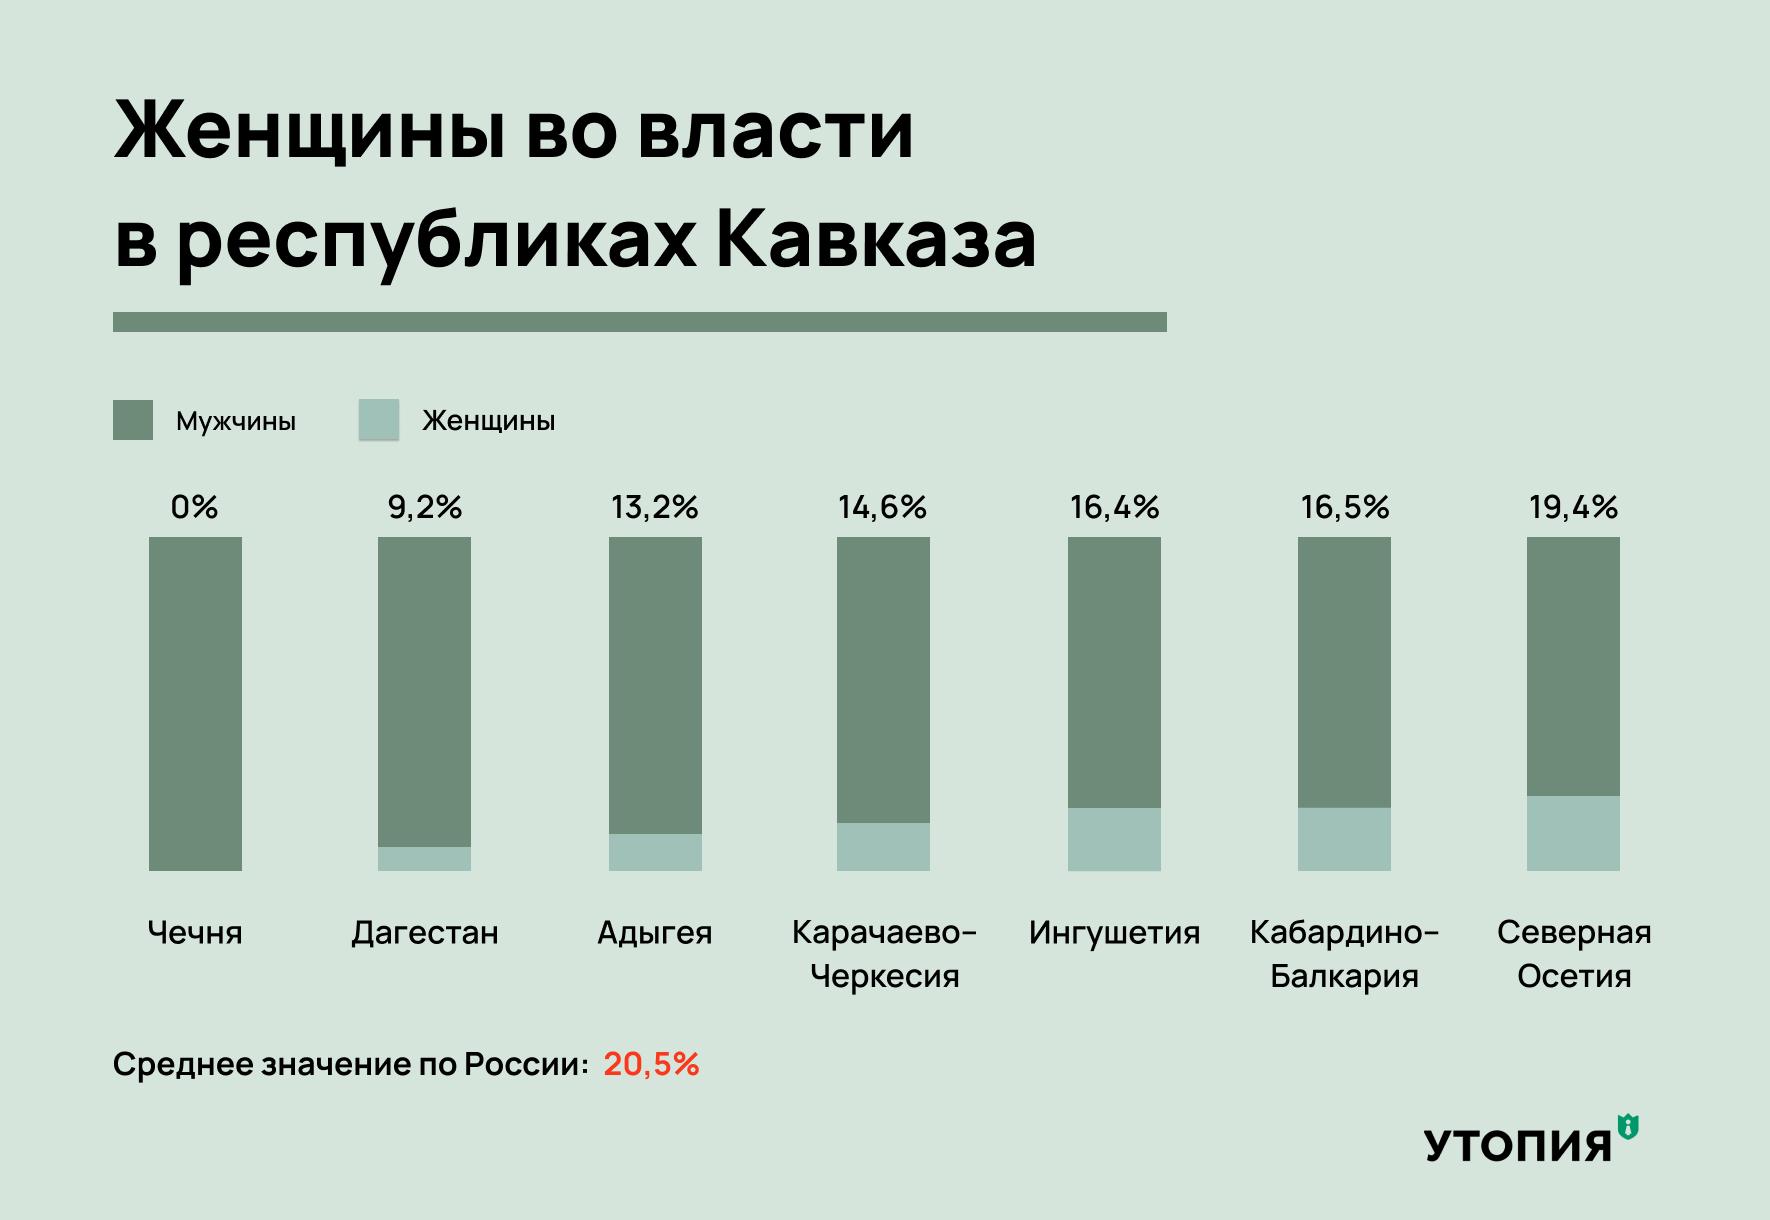 женщины политики депутаты на кавказе в чечне дагестане